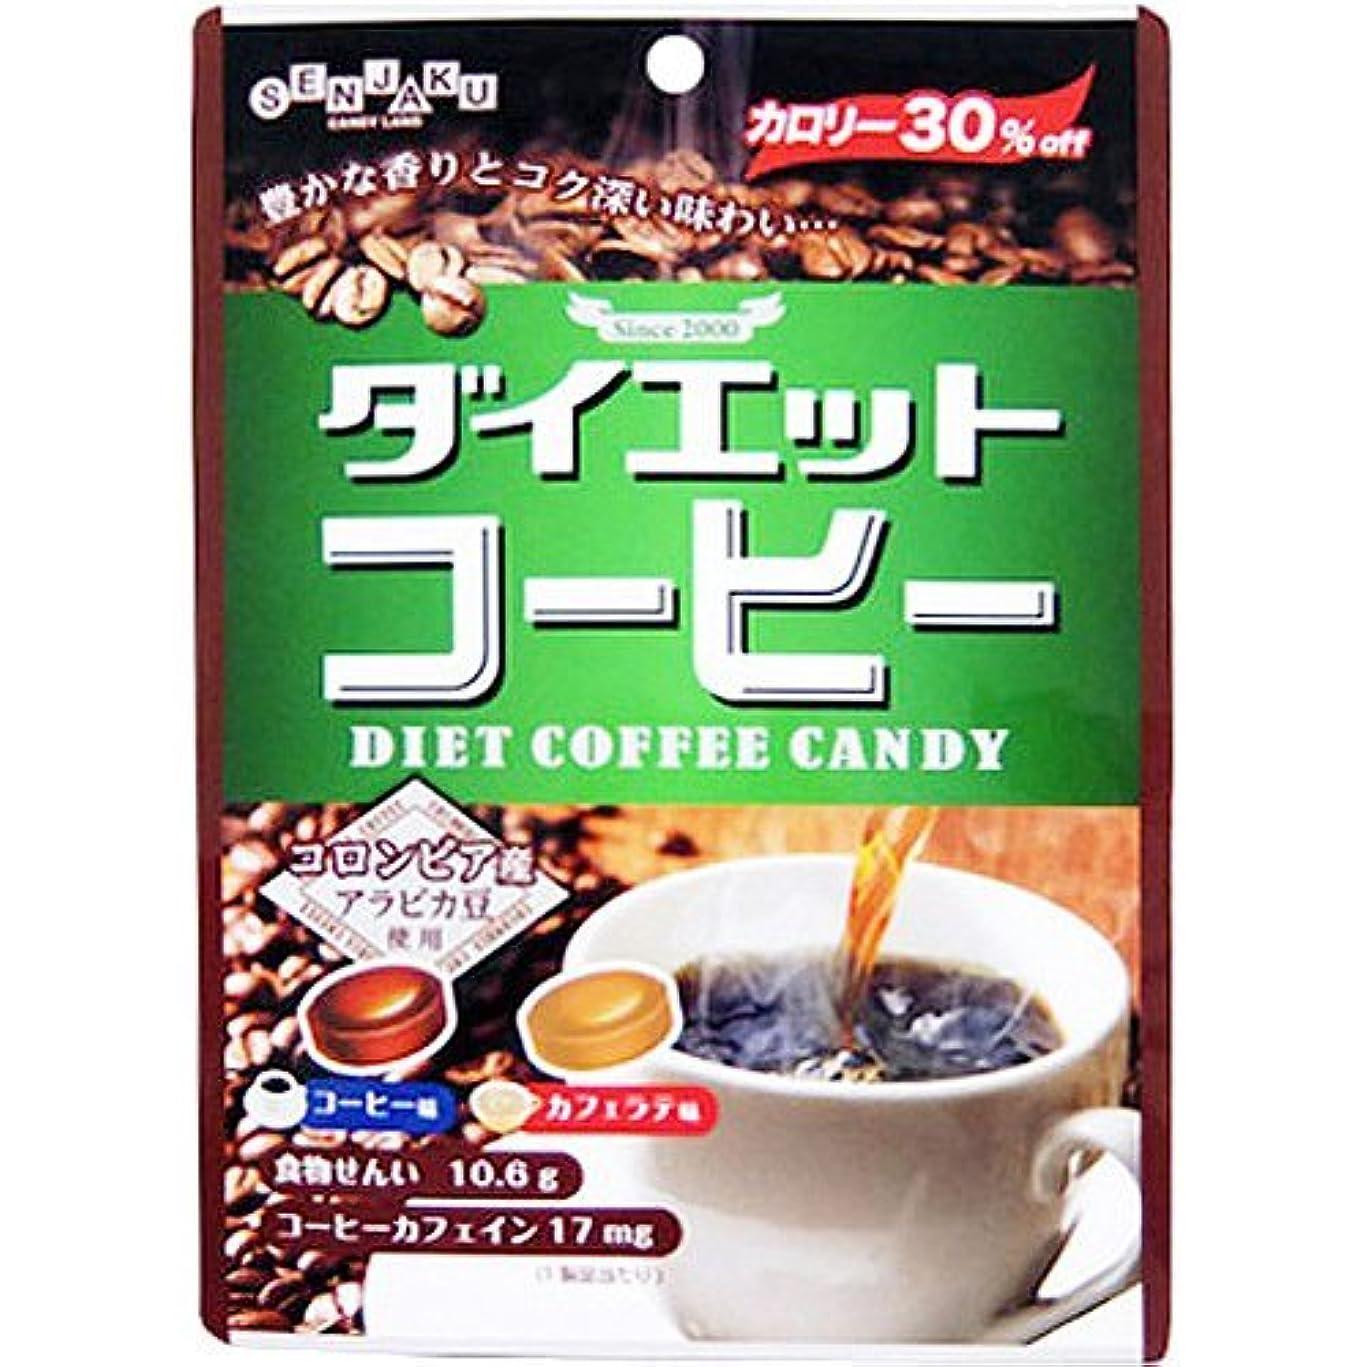 頼る反乱以下扇雀飴本舗 ダイエットコーヒー 80g